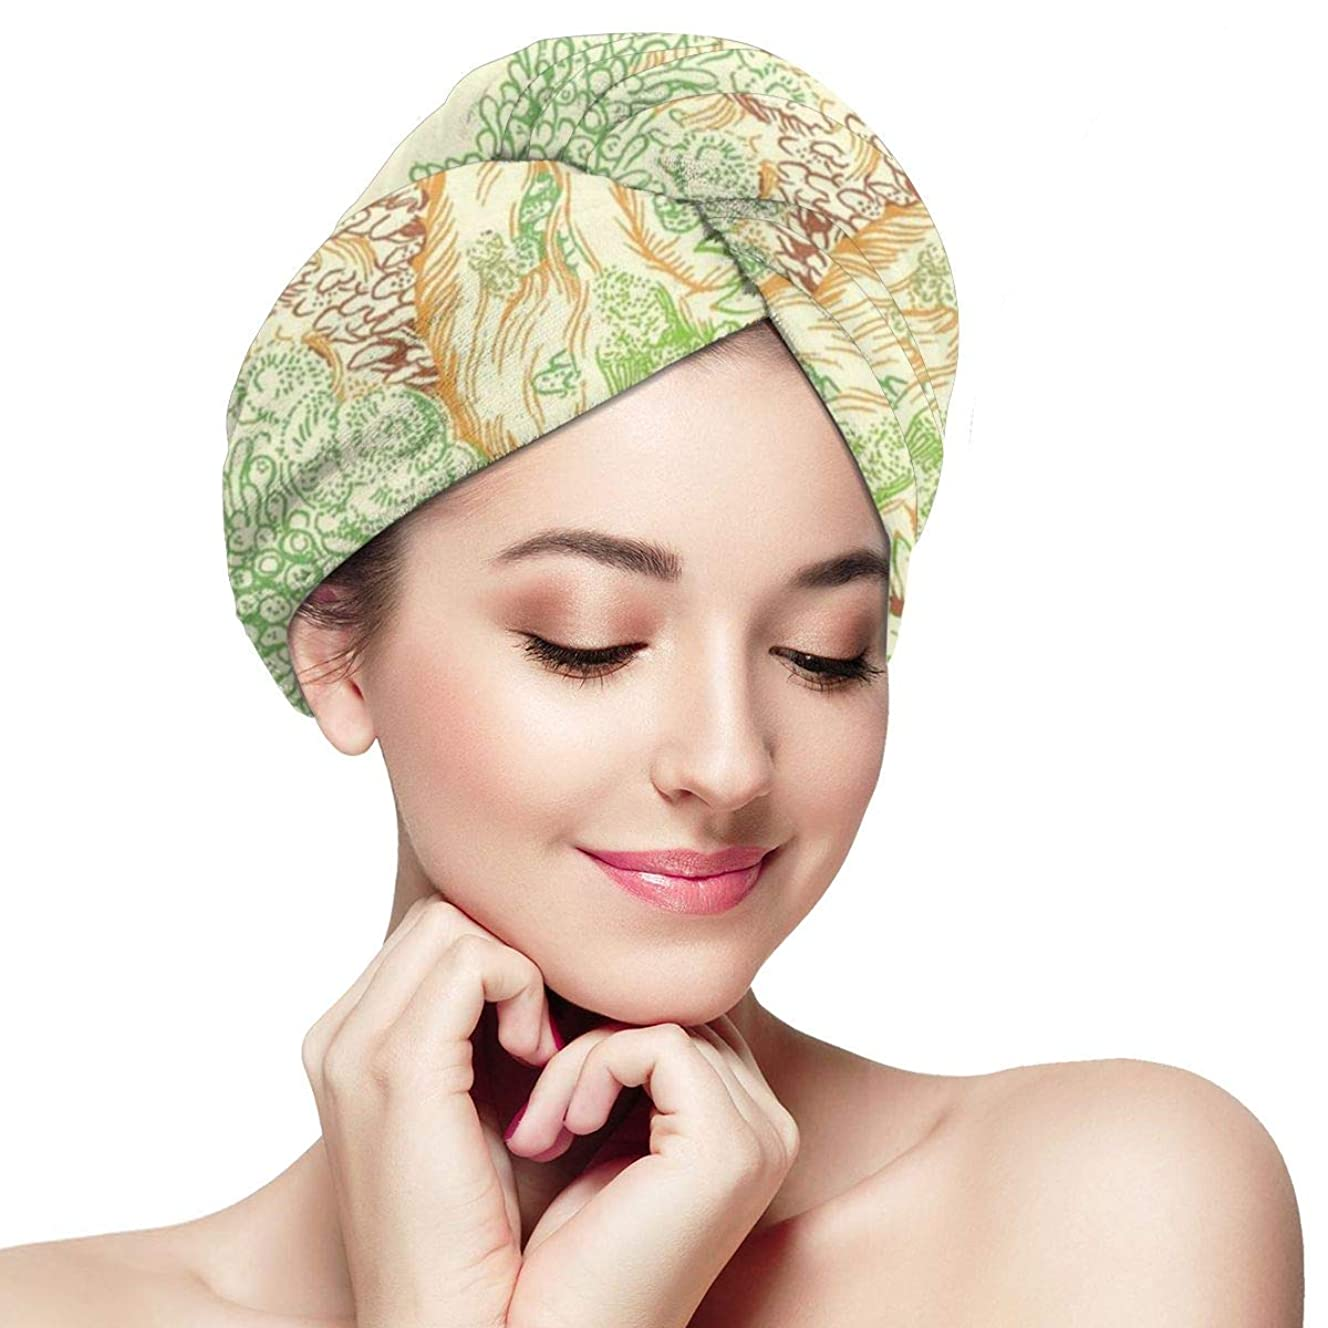 染料藤色有効な藻ナマケモノマイクロファイバーヘアタオルターバンラップ-アンチ縮れ吸収&ソフトシャワーヘッドタオル、クイックドライヤー帽子、女性のためのお風呂ラップキャップママ娘